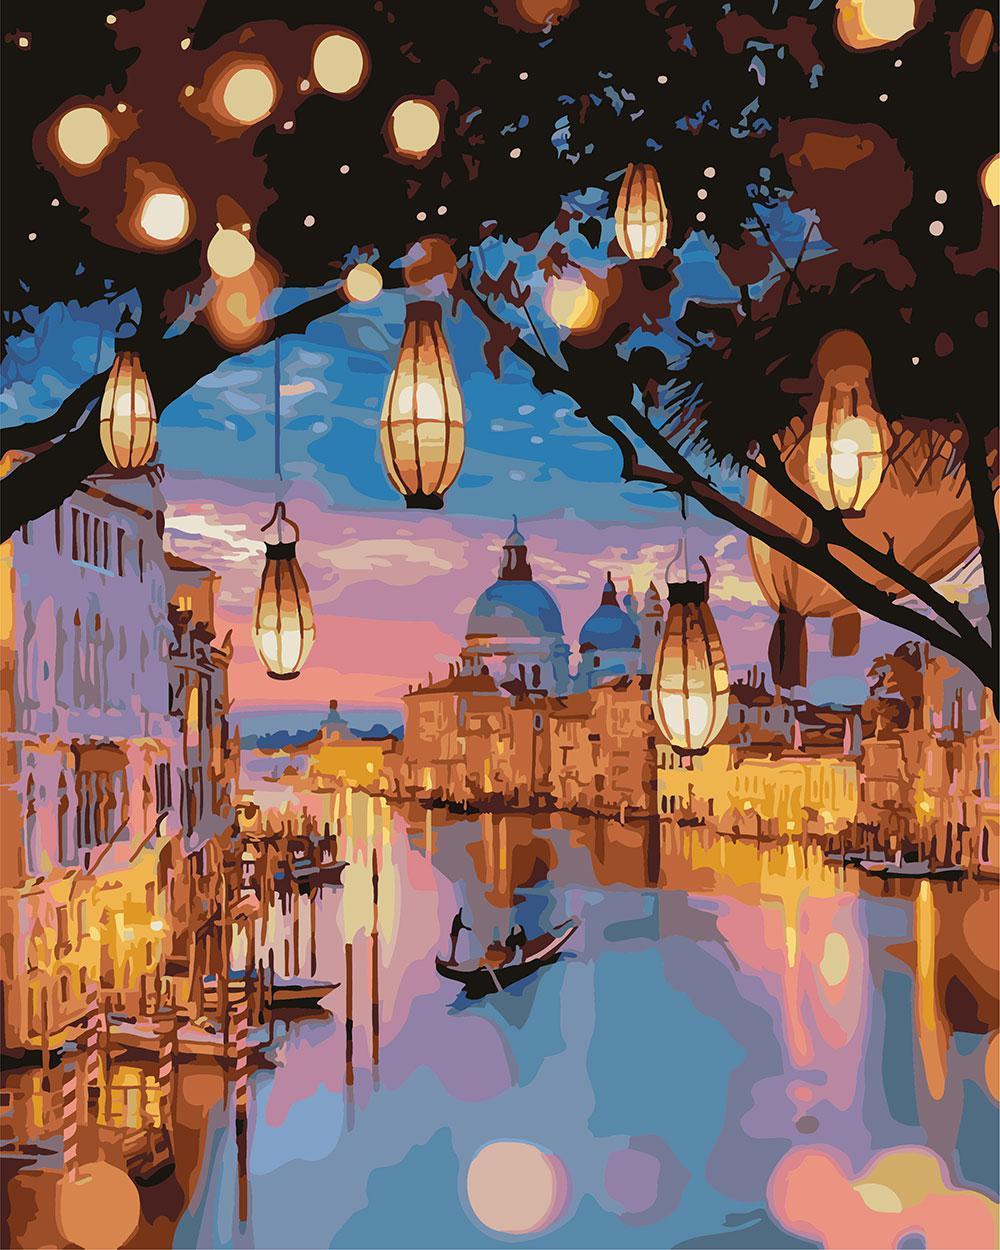 Картина за номерами Магія нічного Венеції 40 х 50 см (BK-GX24915)